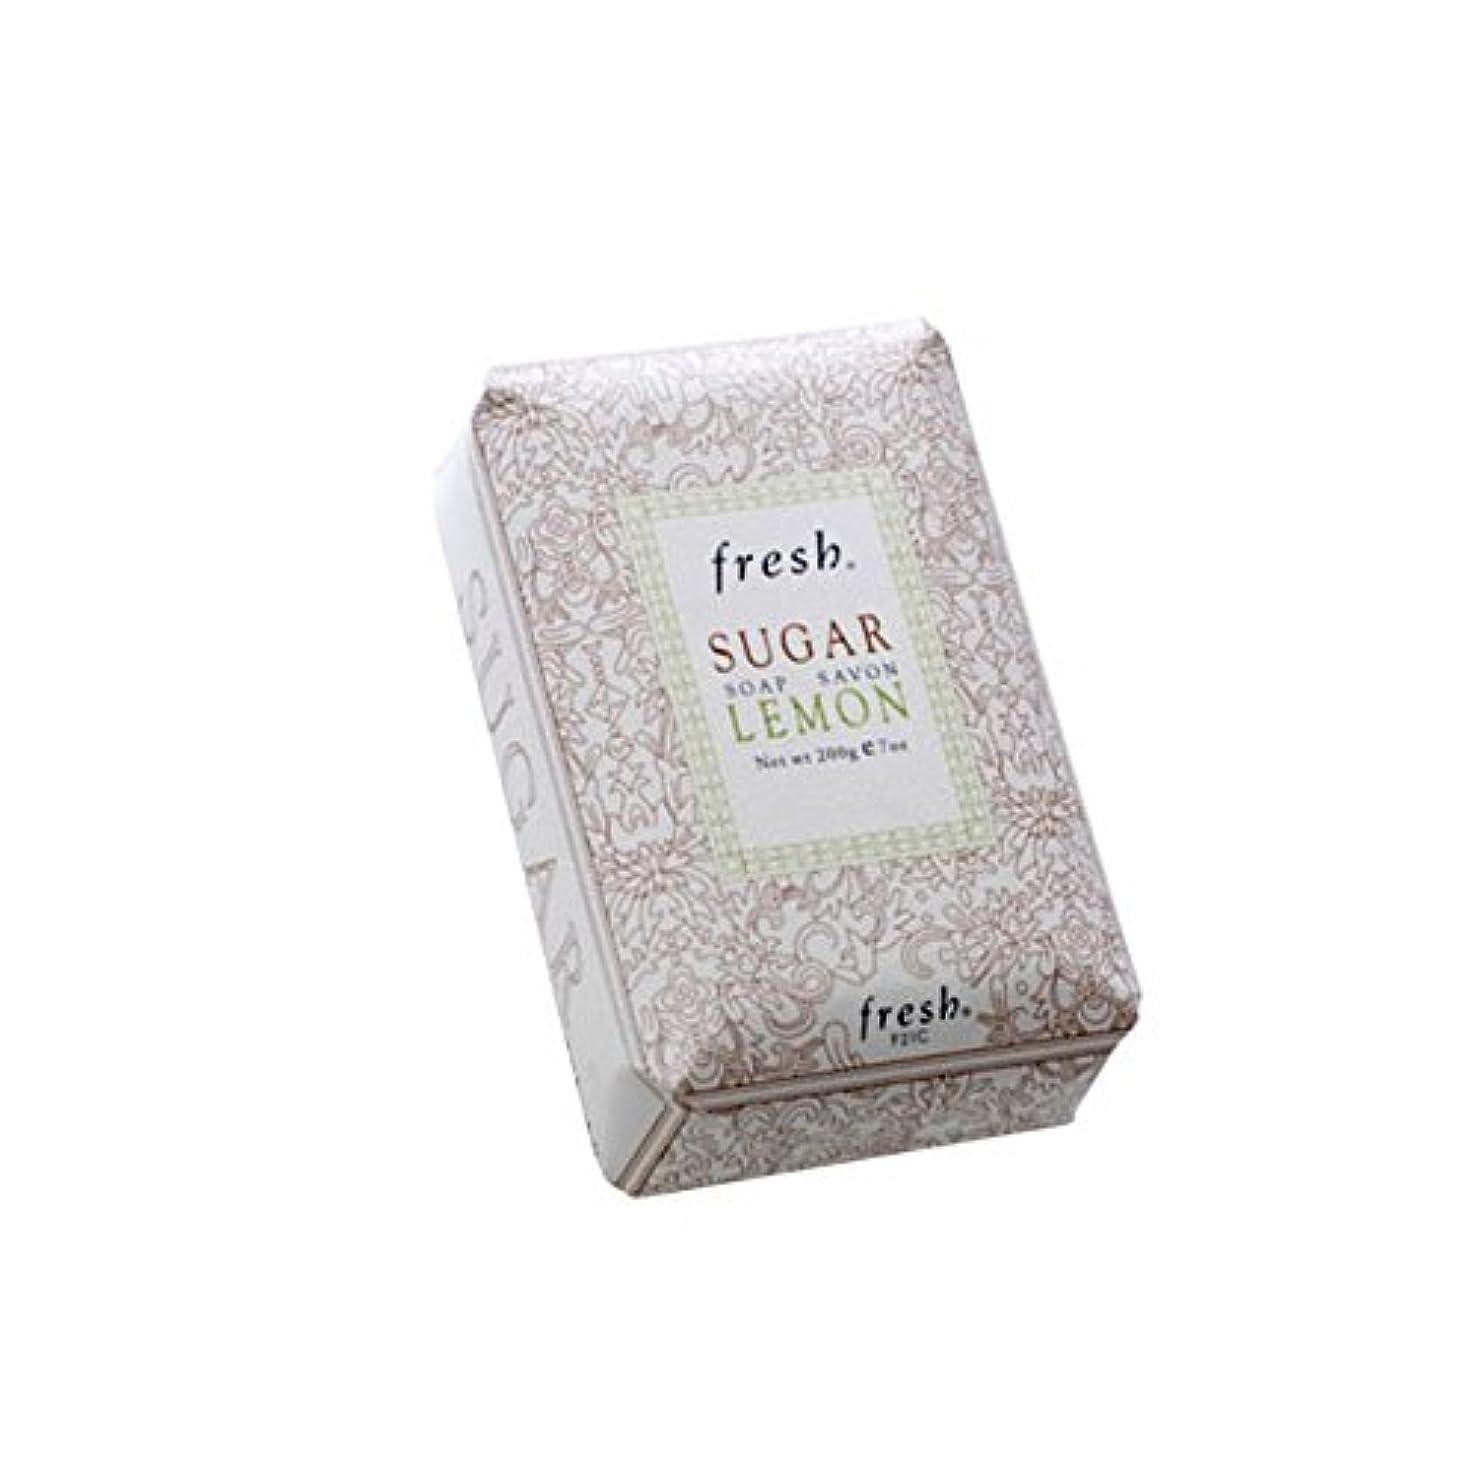 君主ガソリン従者Freshフレッシュシュガーレモン石鹸 Sugar Lemon Soap, 200g/7oz [海外直送品] [並行輸入品]